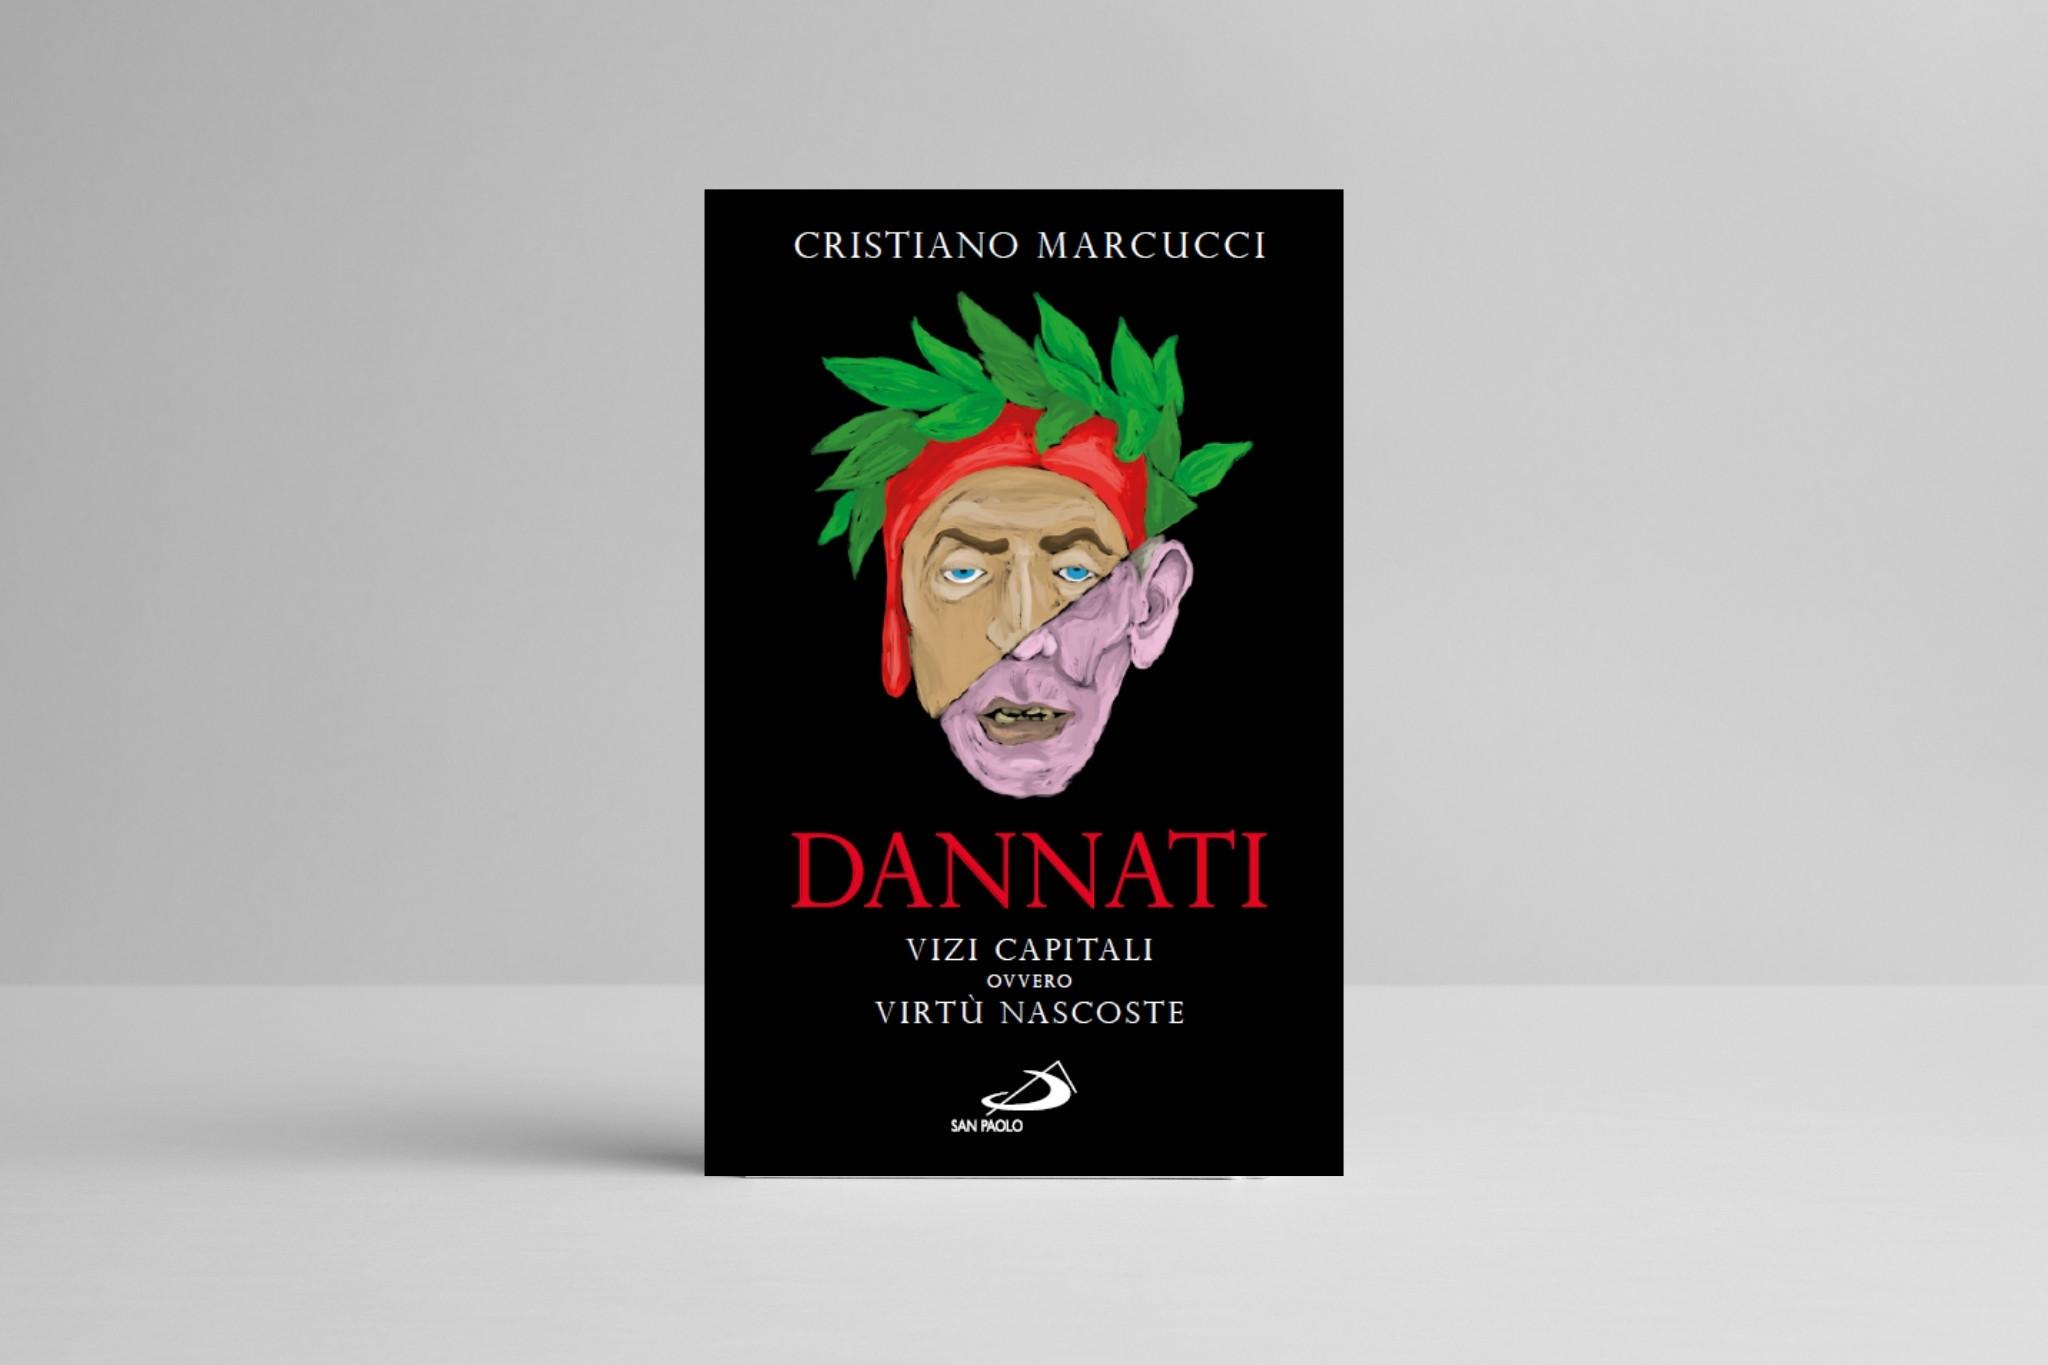 copertina del libro dannati di cristiano marcucci